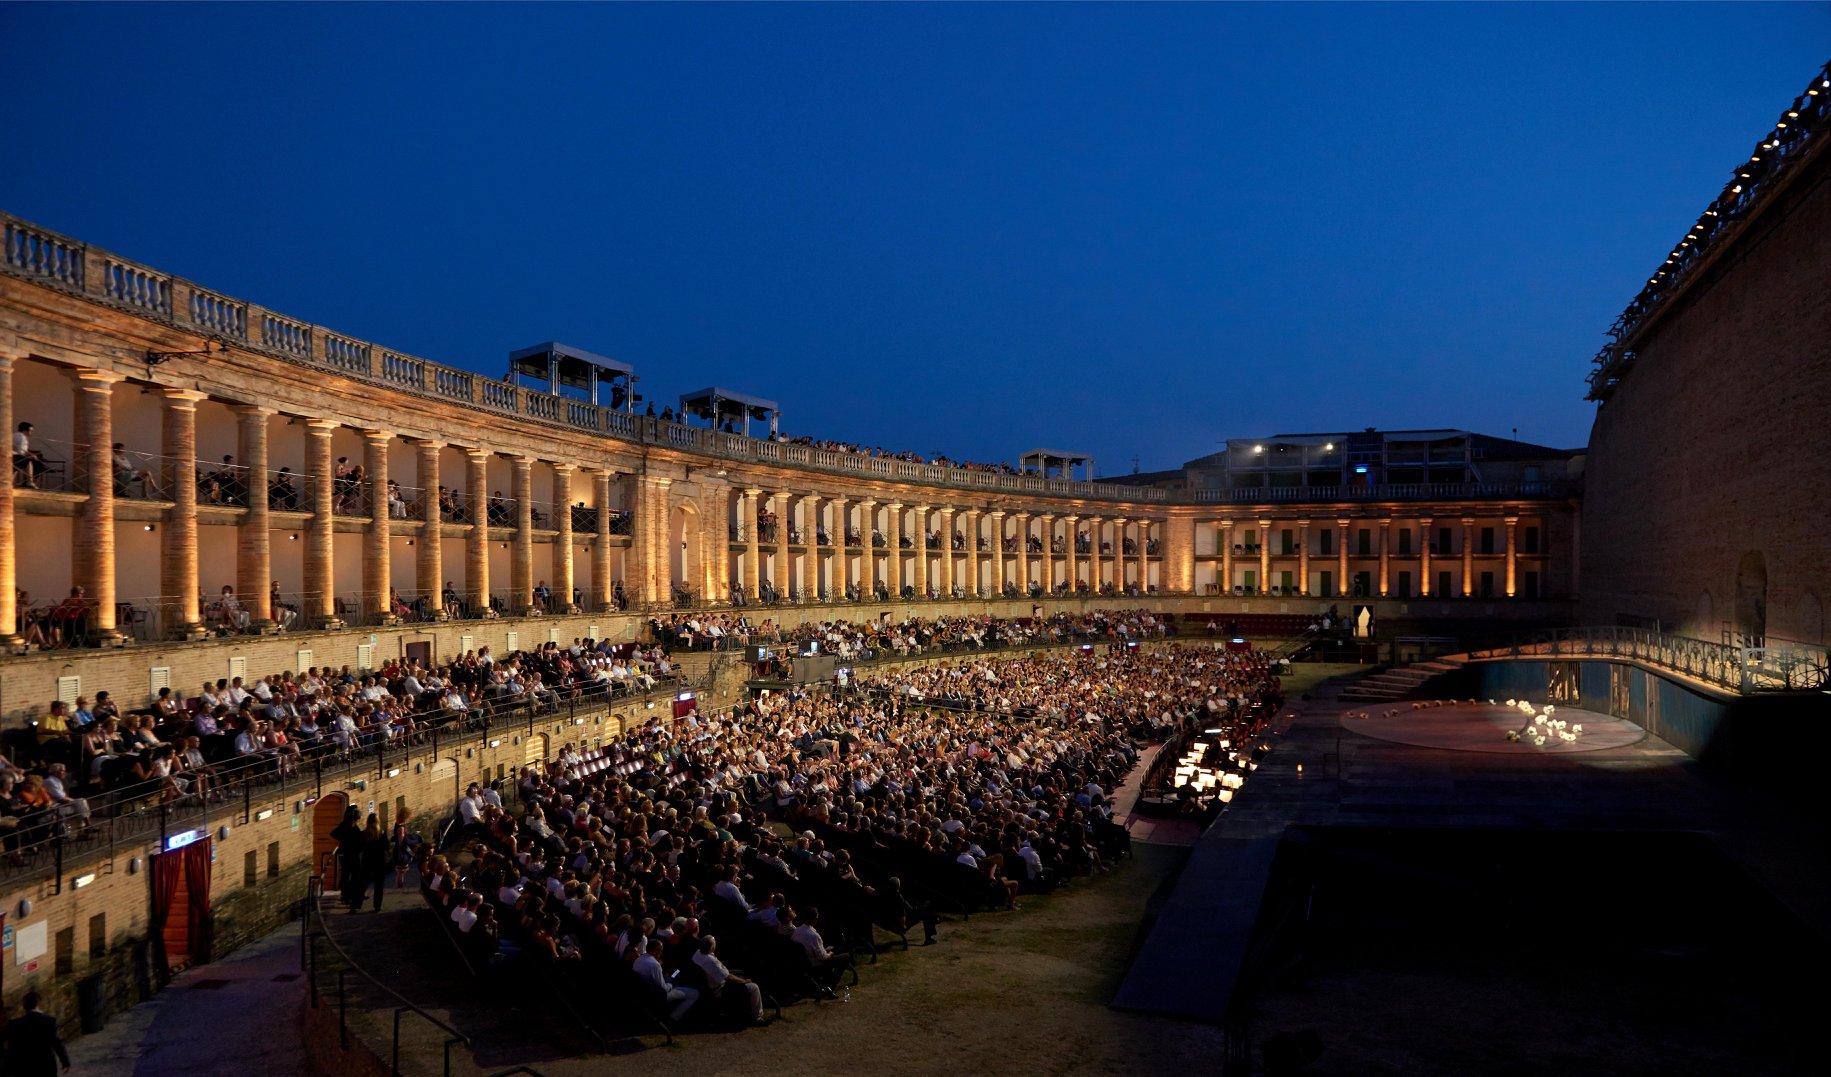 Macerata Opera, per il Telegraph tra i motivi di visitare l'Italia